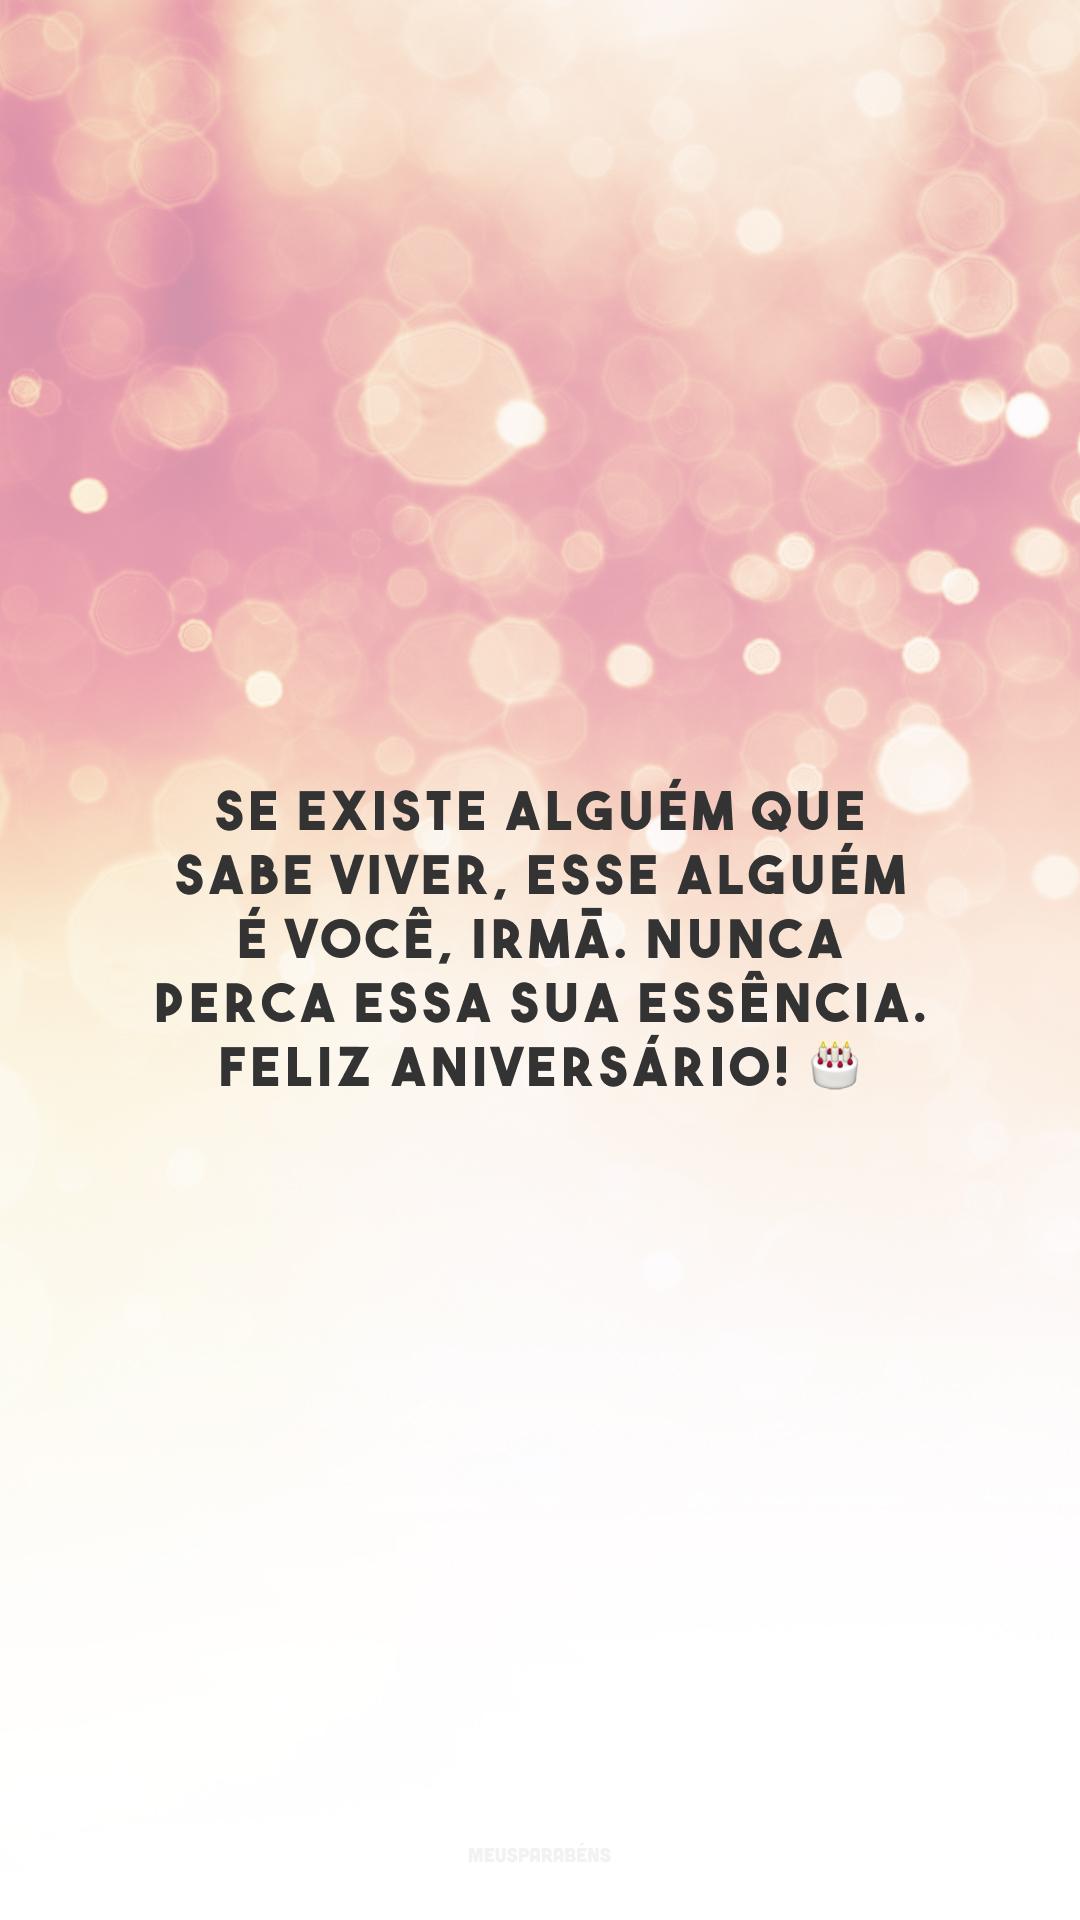 Se existe alguém que sabe viver, esse alguém é você, irmã. Nunca perca essa sua essência. Feliz aniversário! 🎂